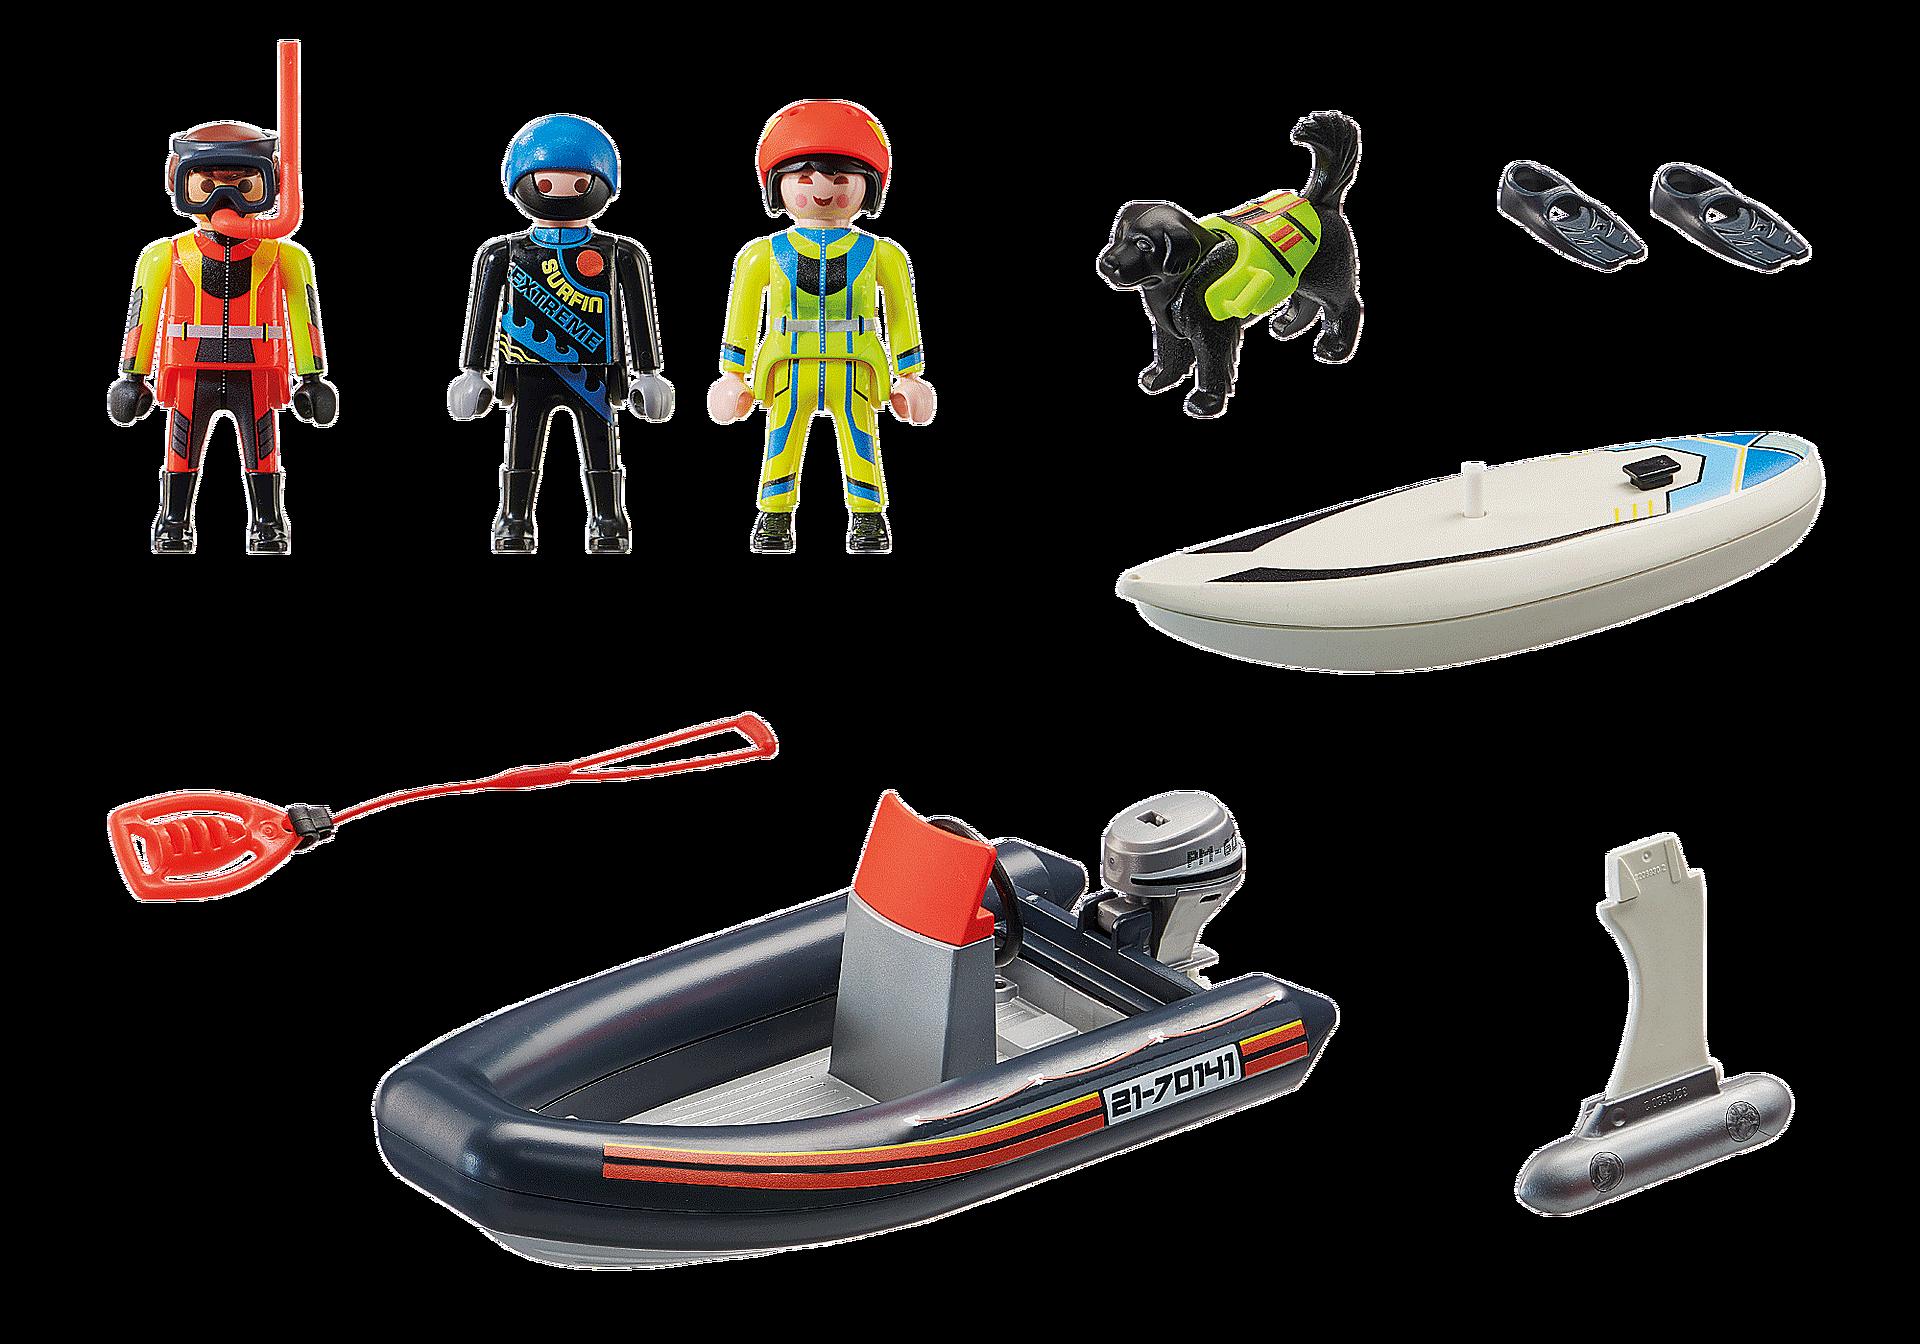 70141 Merihätä: Napaseudun purjehtijoiden pelastus kumiveneellä zoom image3